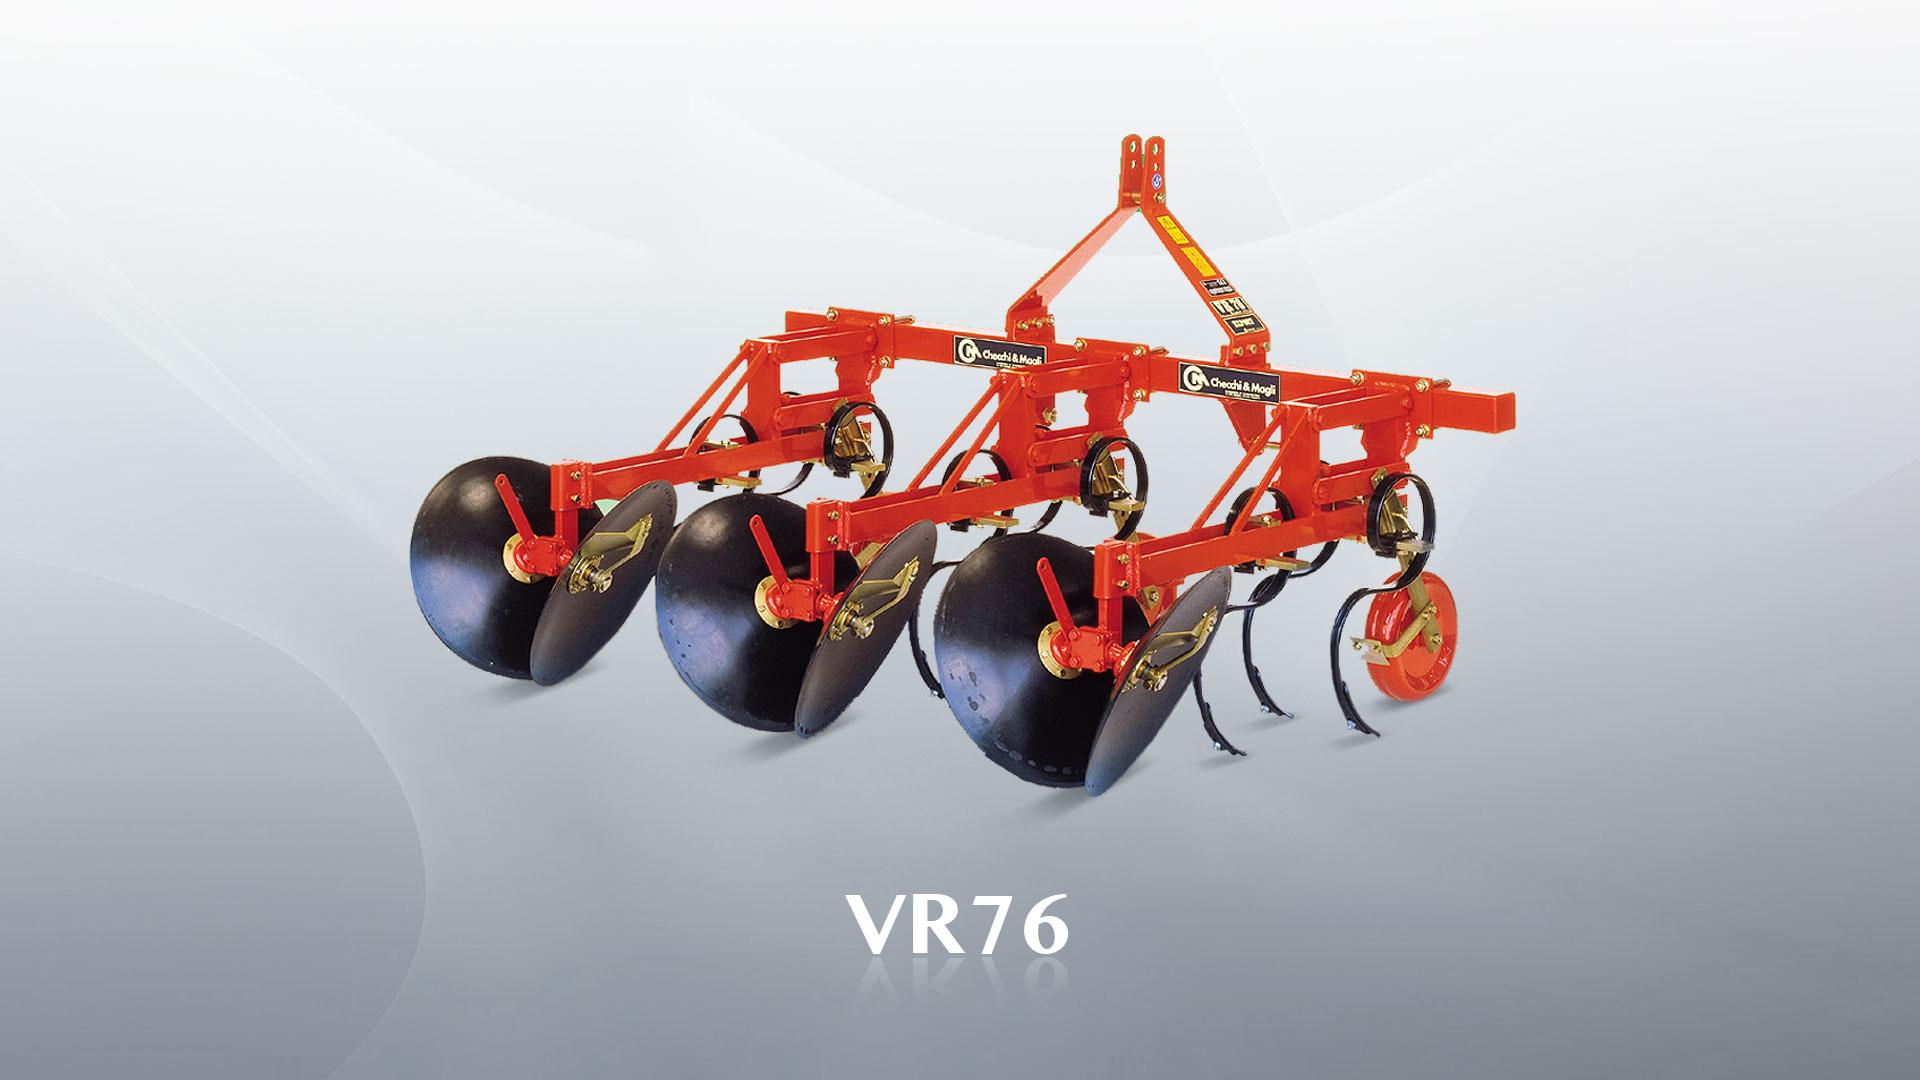 Renchausseur à disques Checchi & Magli VR76